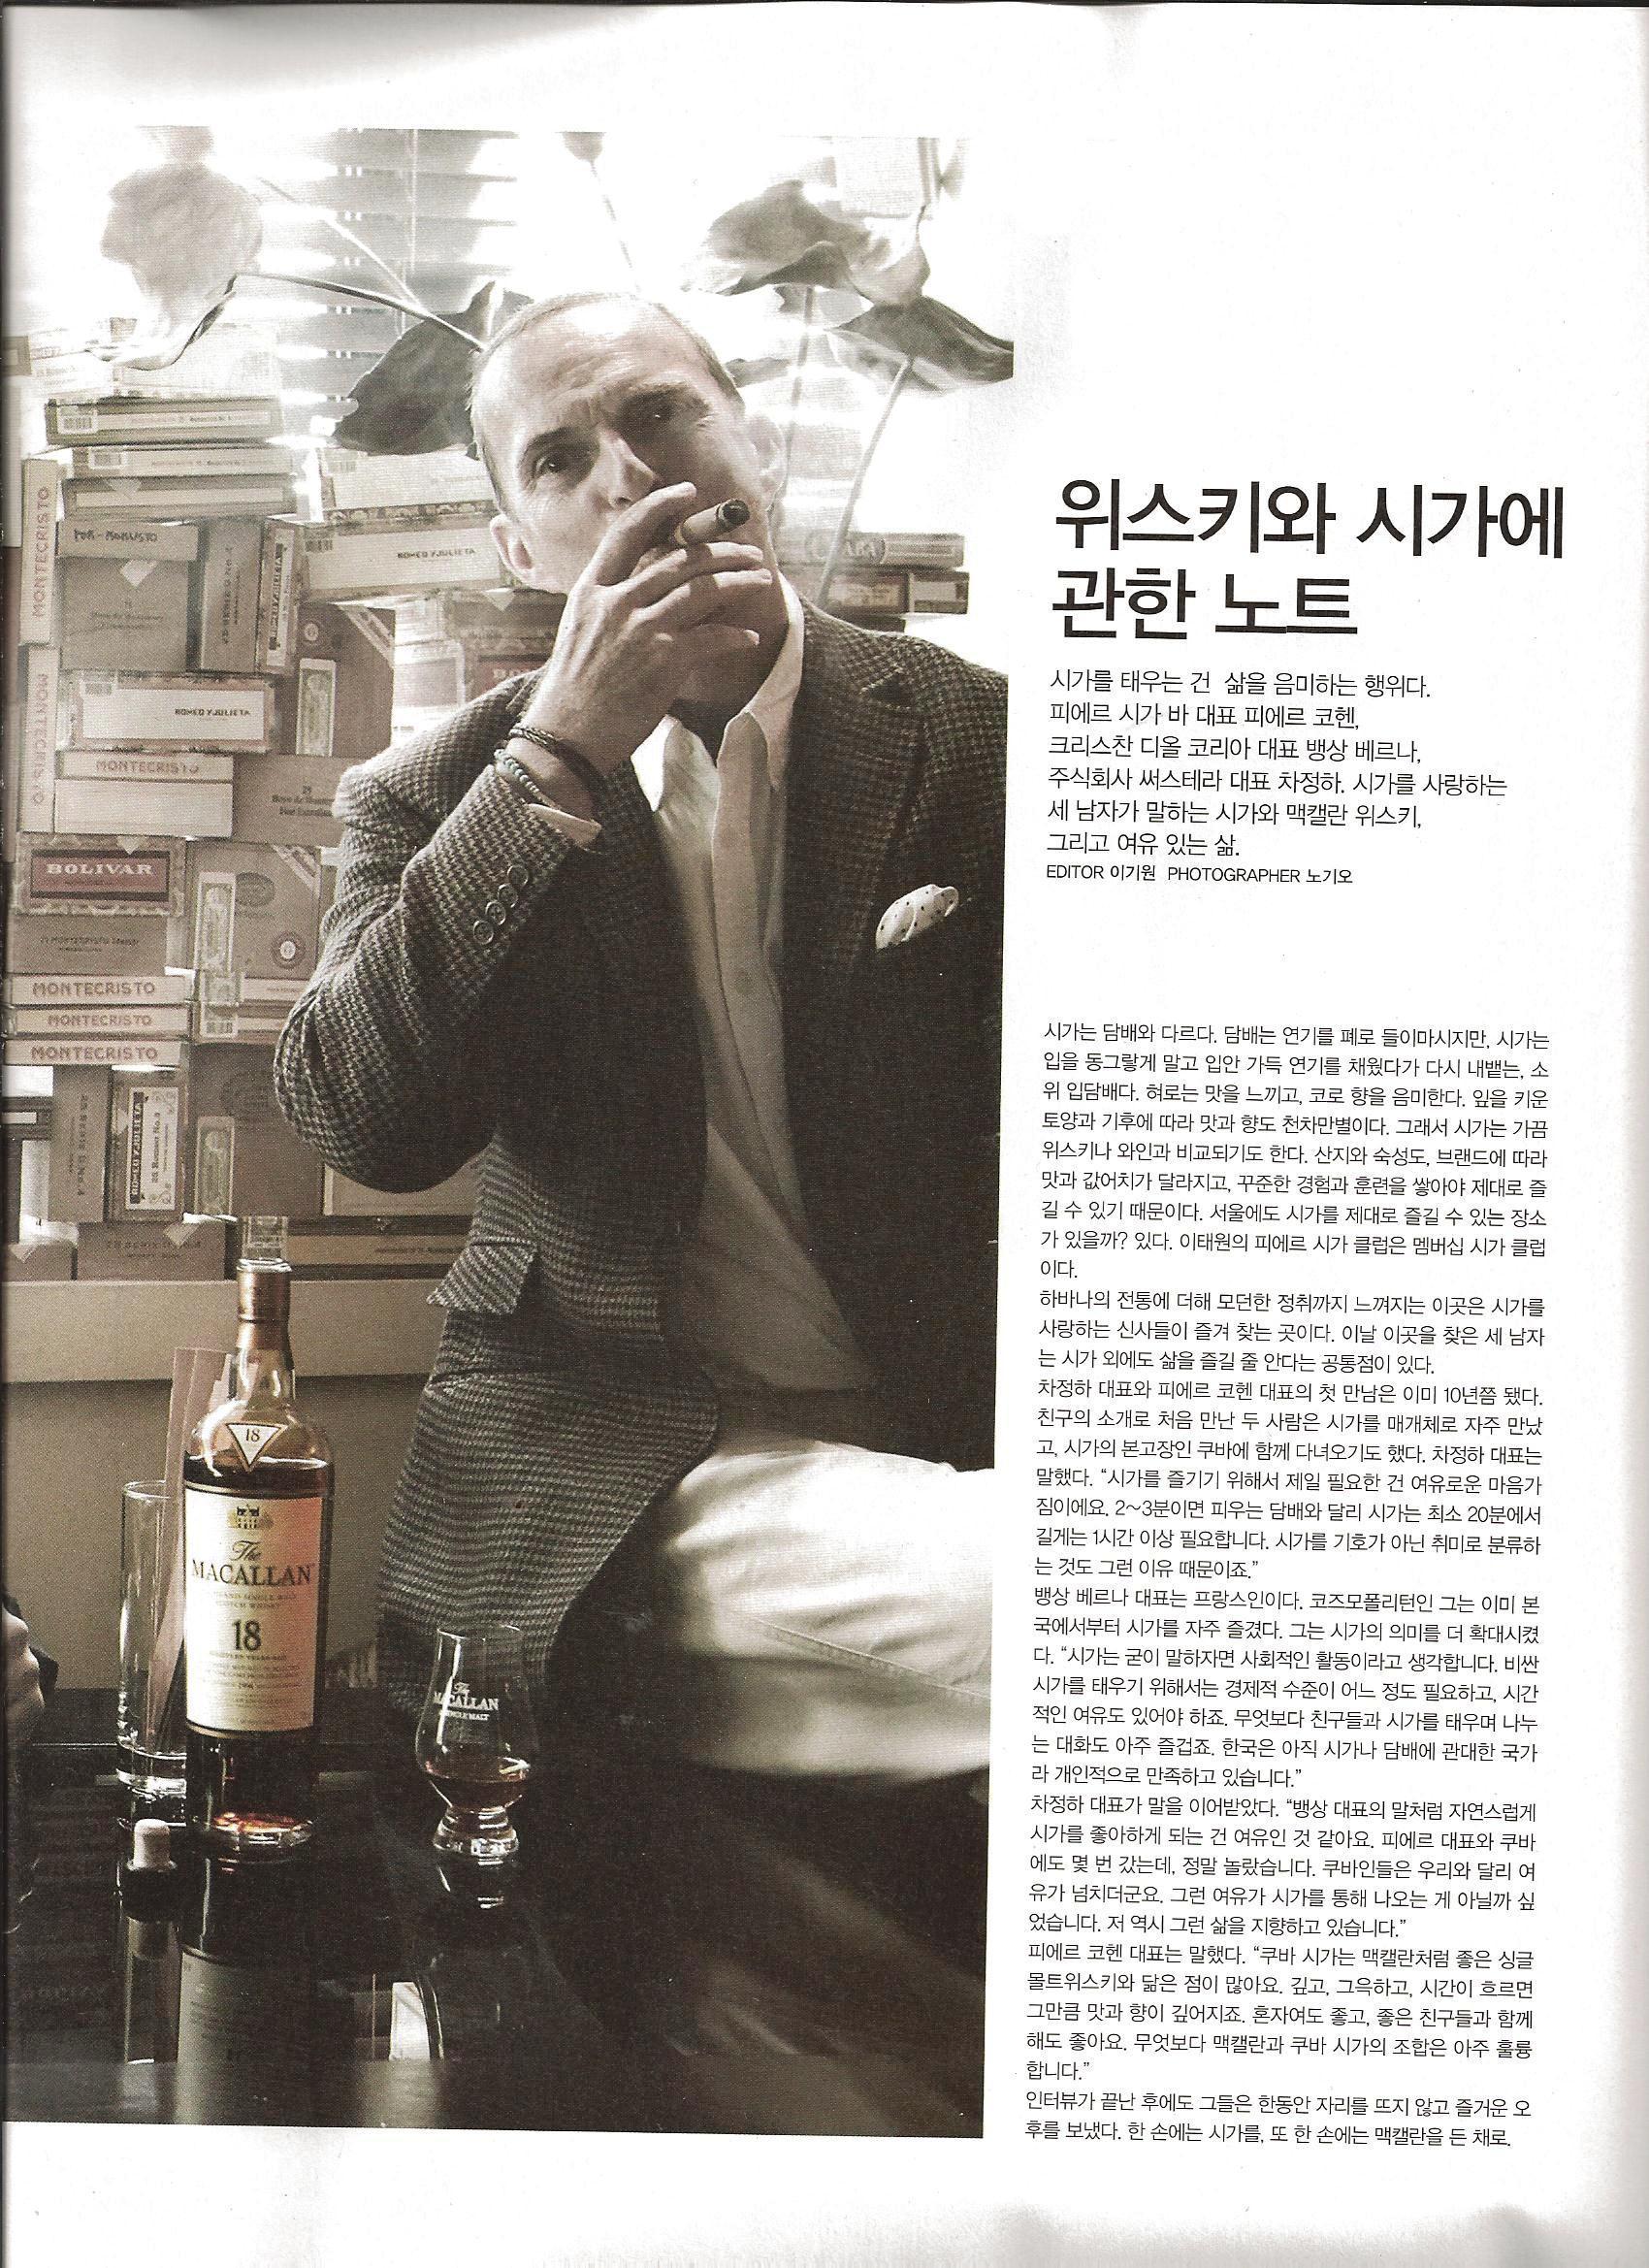 2012-11 Gentleman article 2.jpg